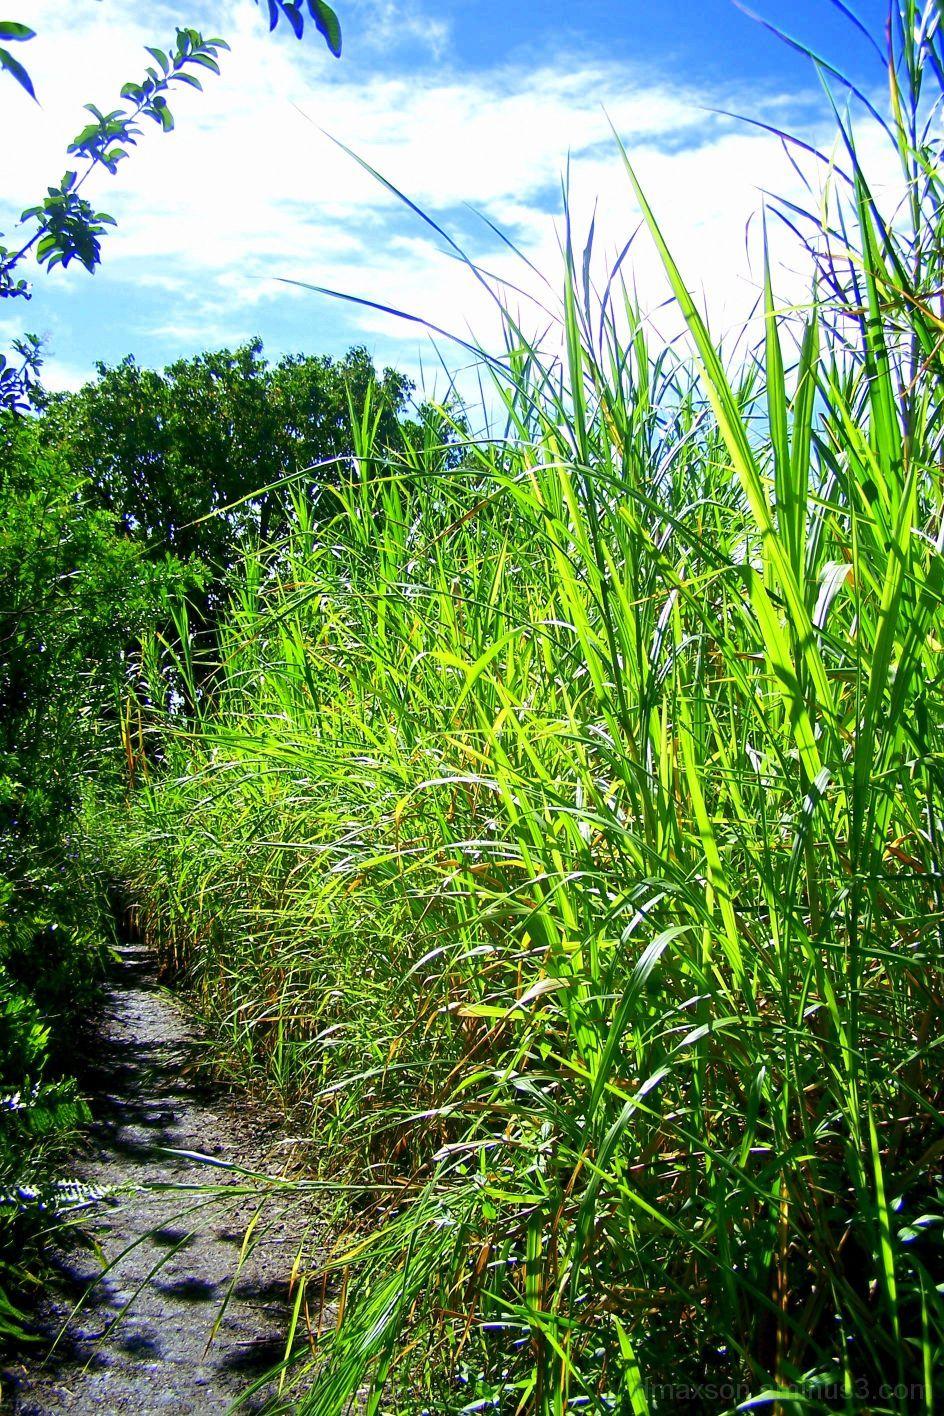 Trail Brush